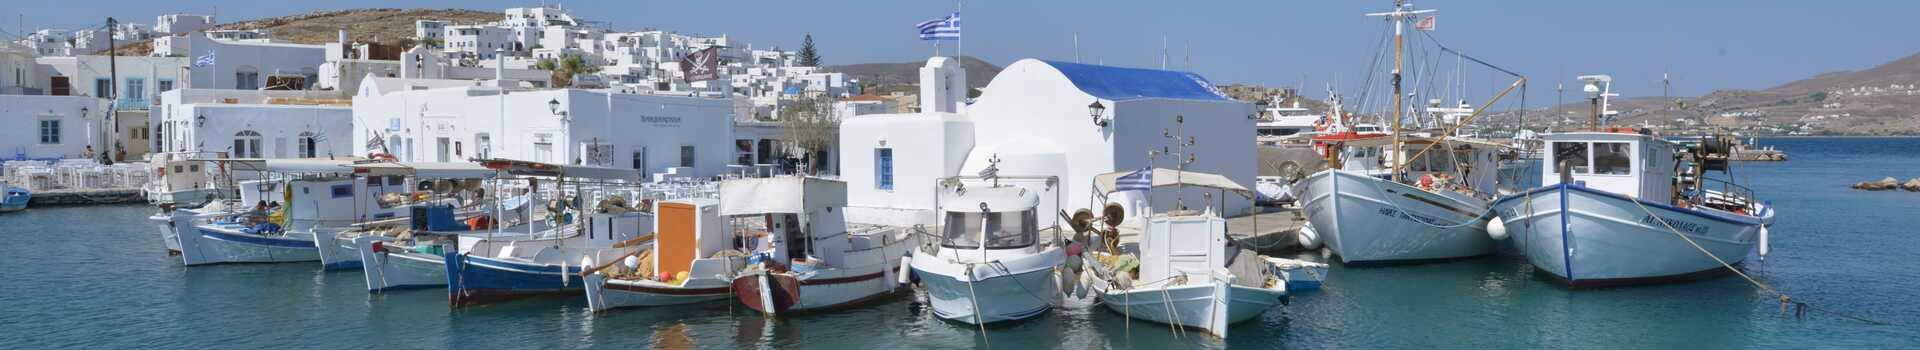 Řecko, Paros, Letovisko Naoussa